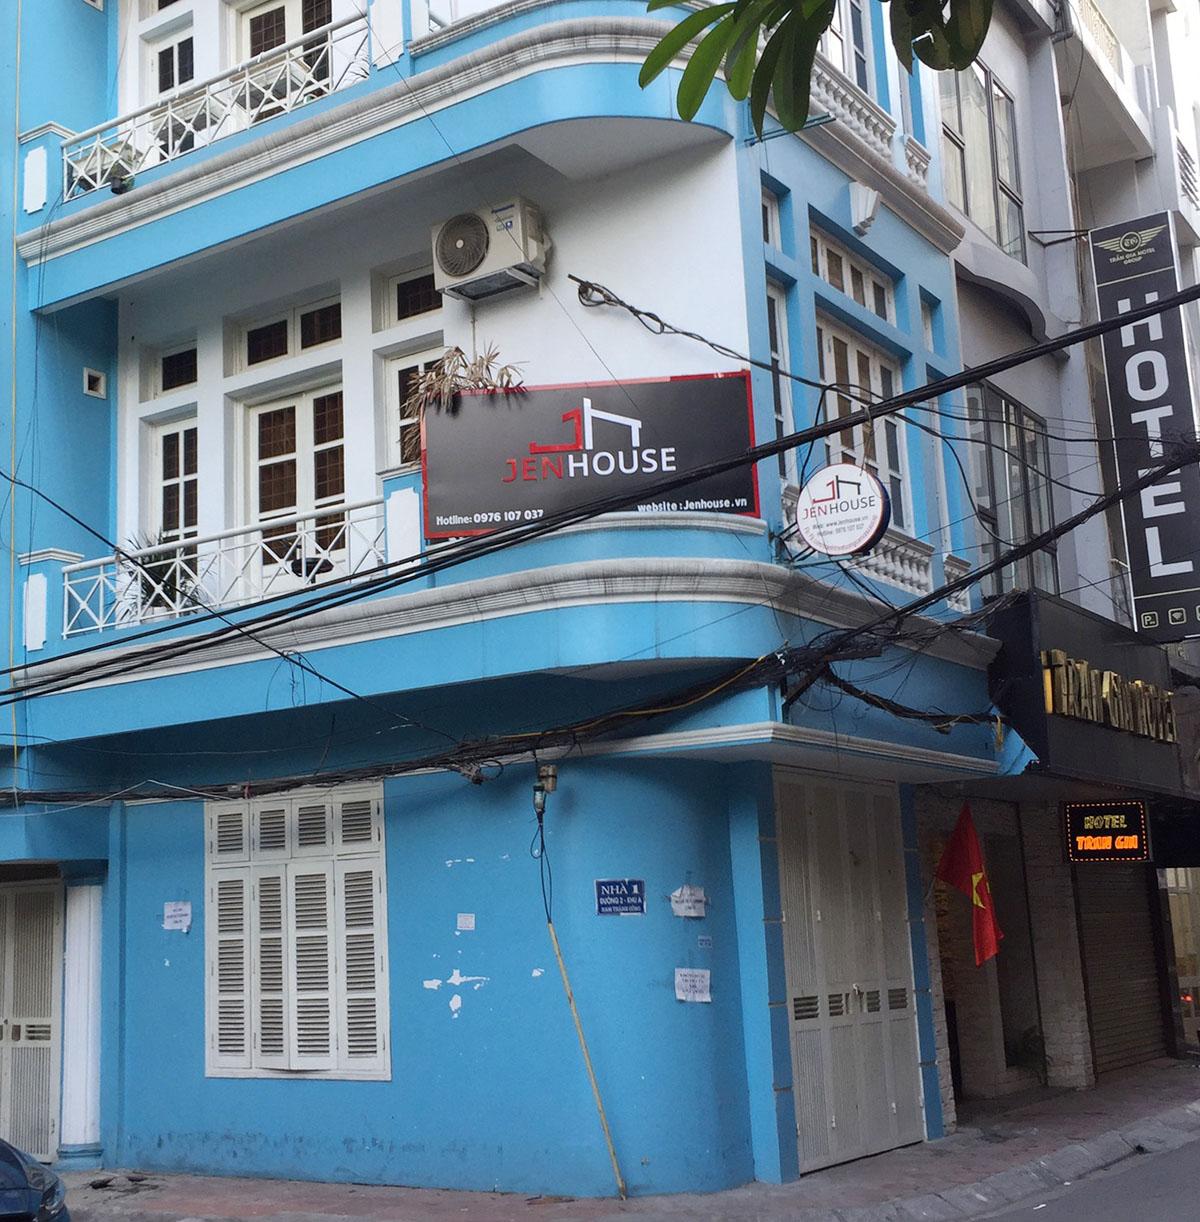 Hình ảnh Địa chỉ bán tranh canvas Hà Nội Jenhouse